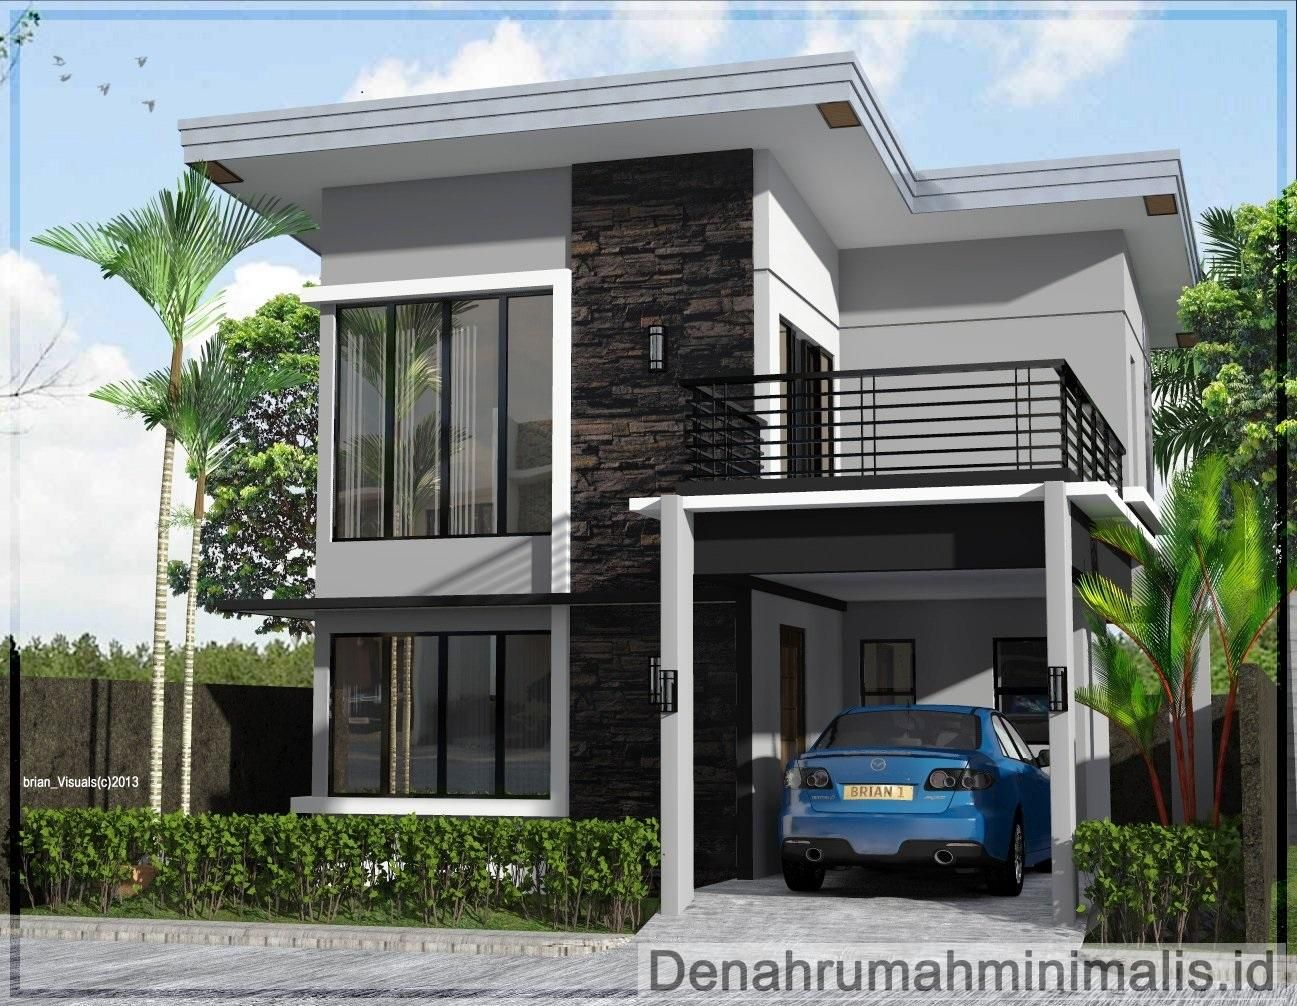 Model Terbaru Desain Rumah Minimalis  Lantai Type